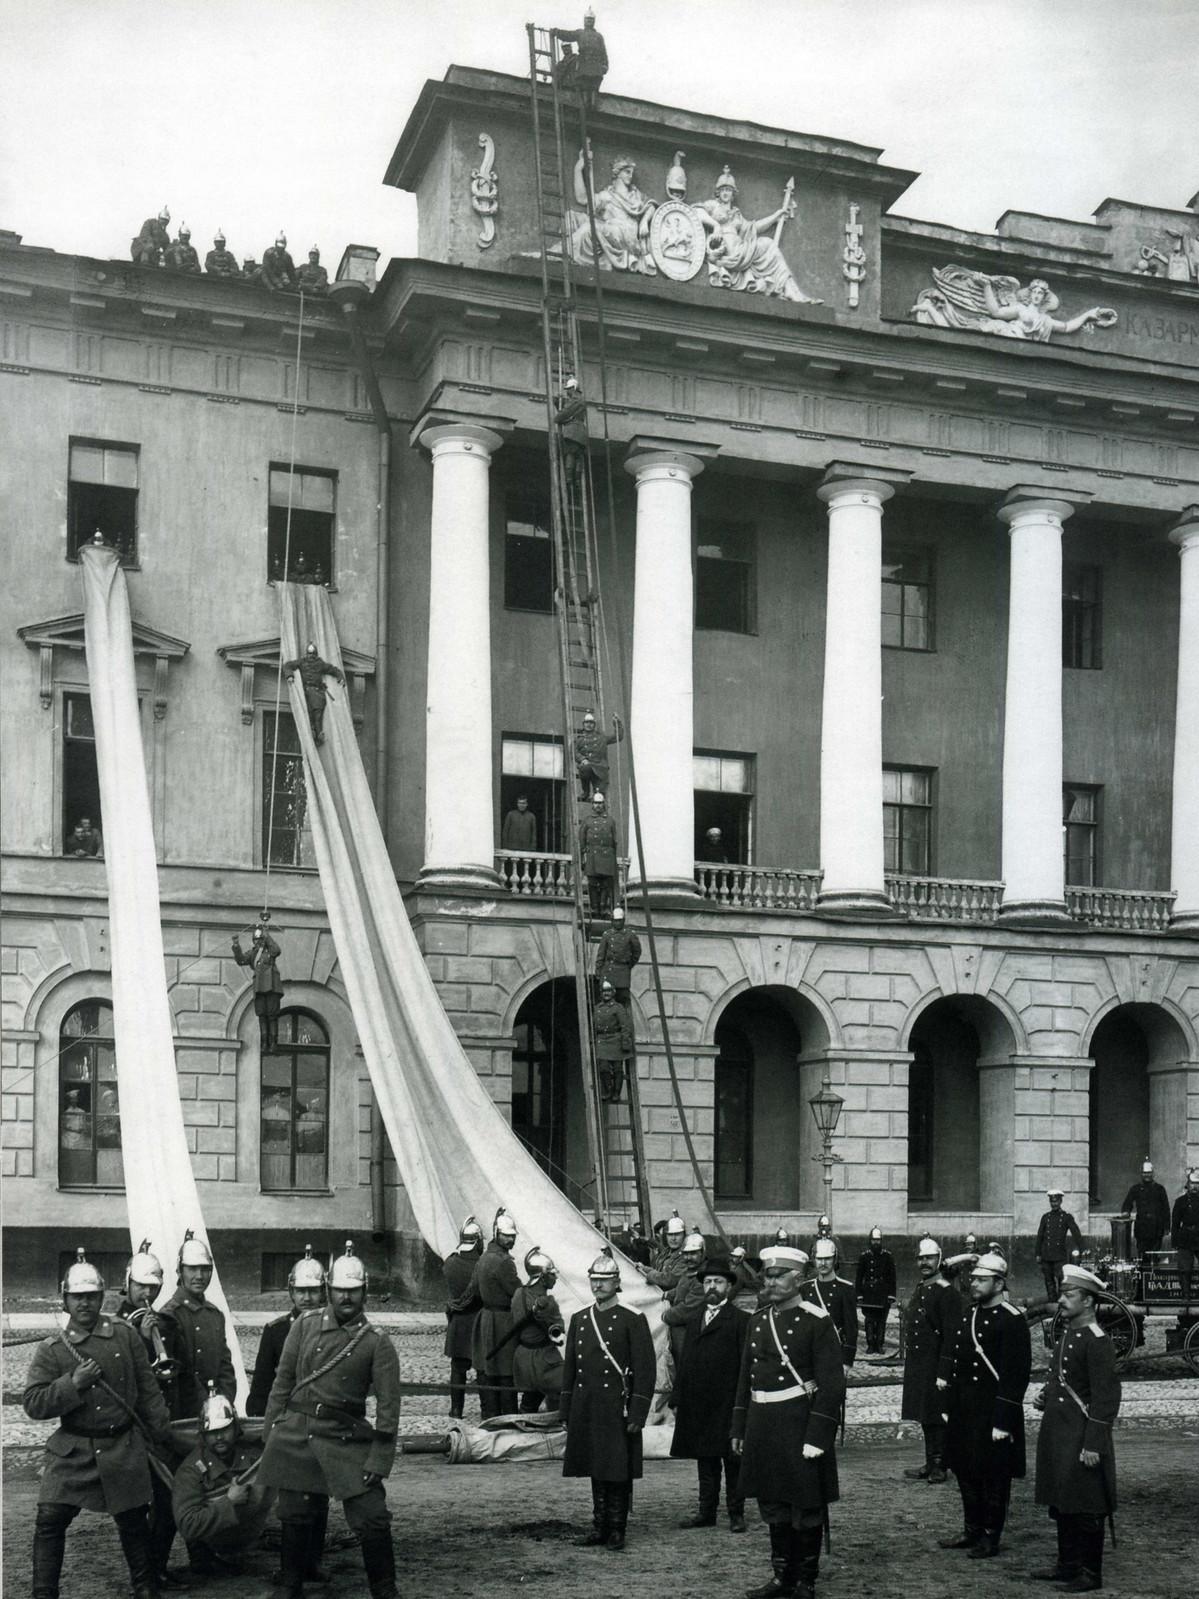 Показательные учения пожарных частей на Марсовом поле в здании казарм лейб-гвардии Павловского полка. 26 июня 1900